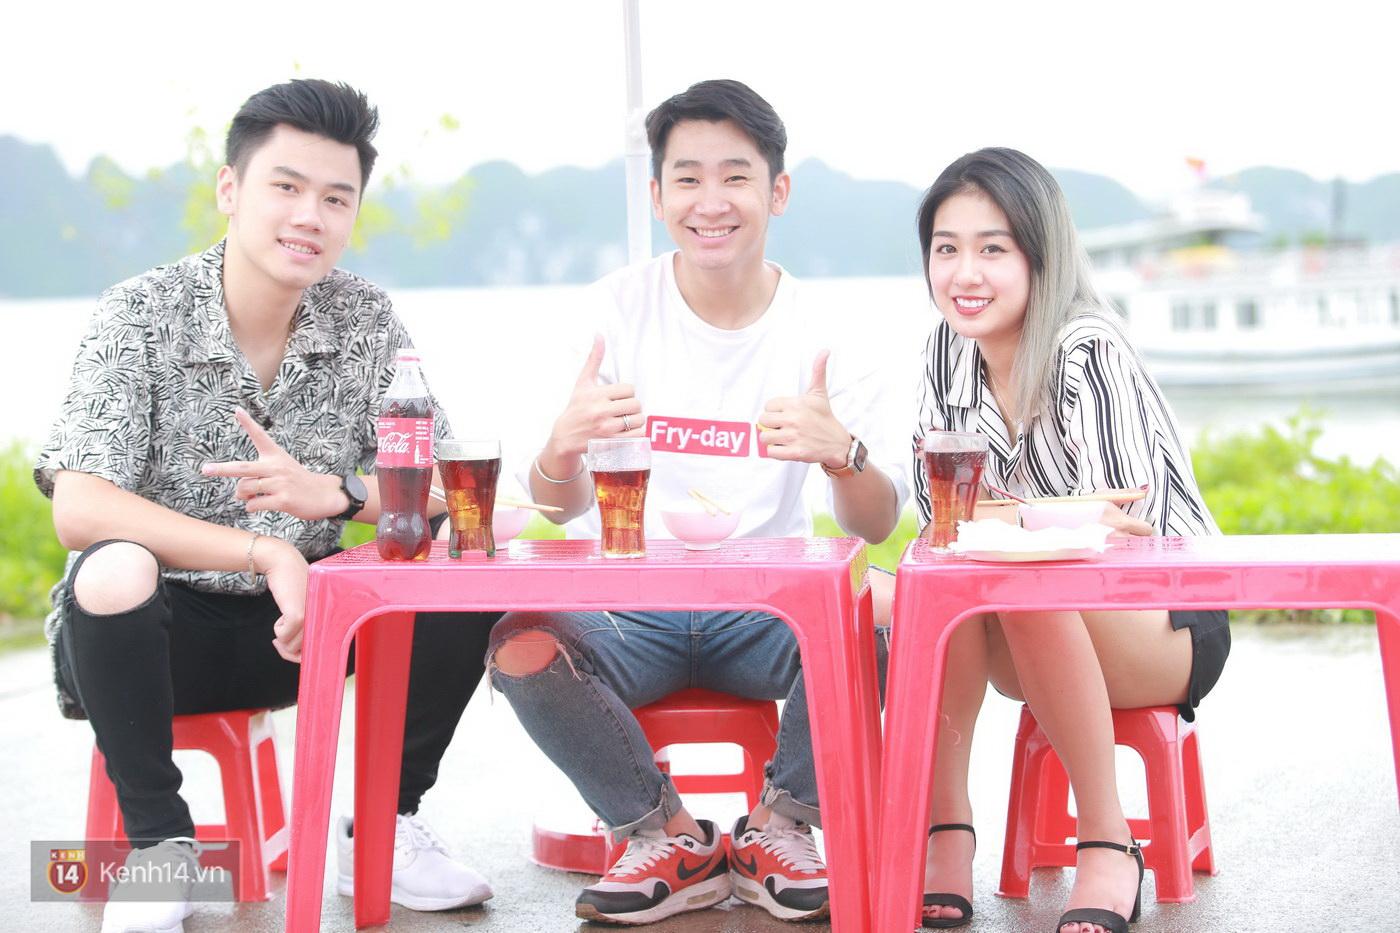 Đói Chưa Nhỉ: Những khoảnh khắc đáng yêu của cặp đôi nổi tiếng Tùng Sơn - Trang Lou - Ảnh 12.